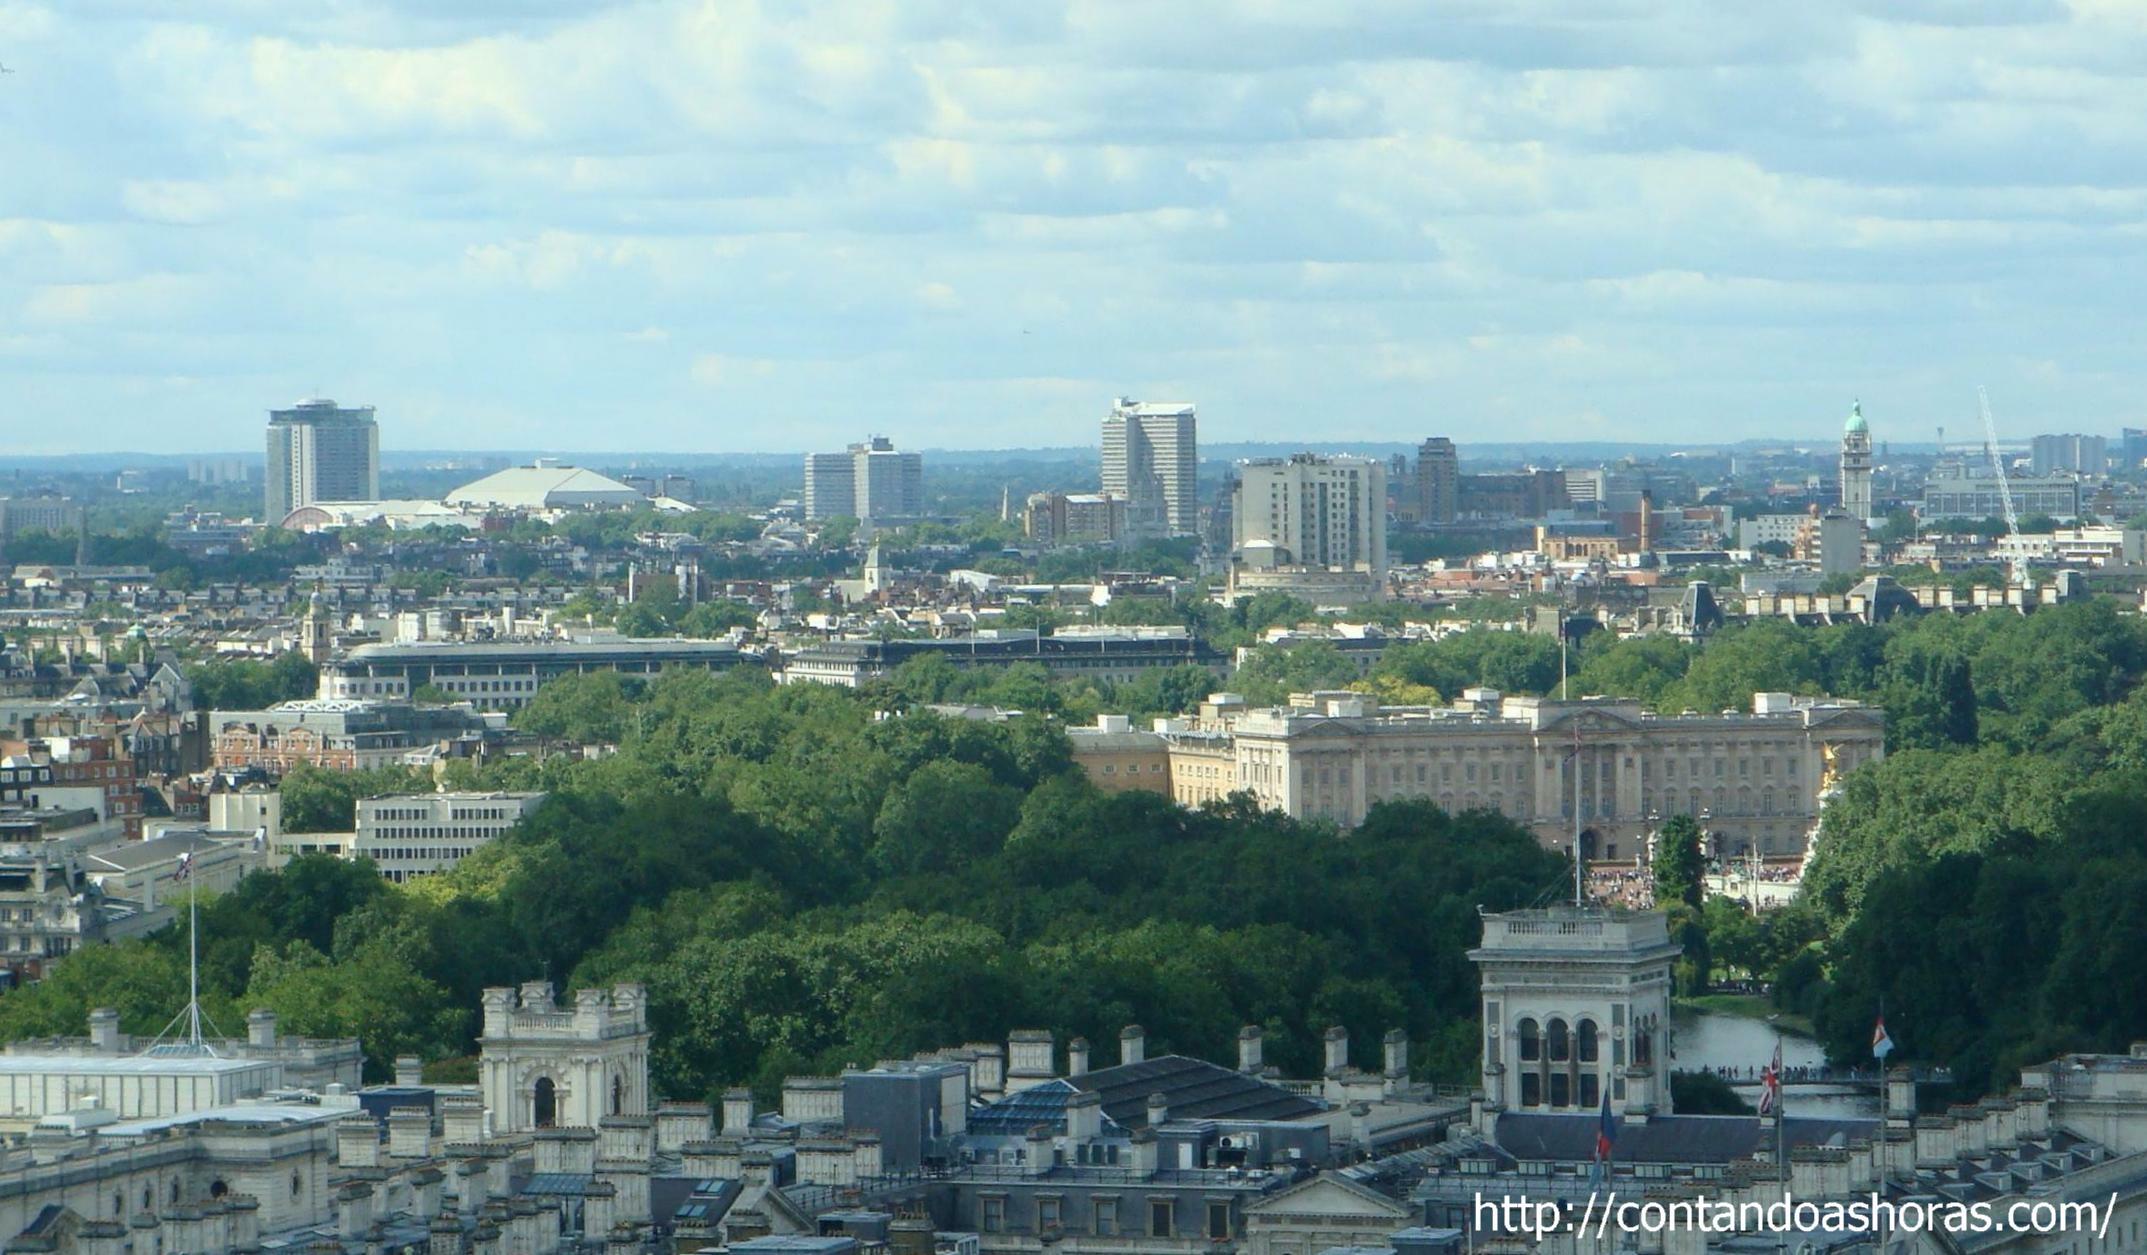 Dá pra ver até o Palácio de Buckingham